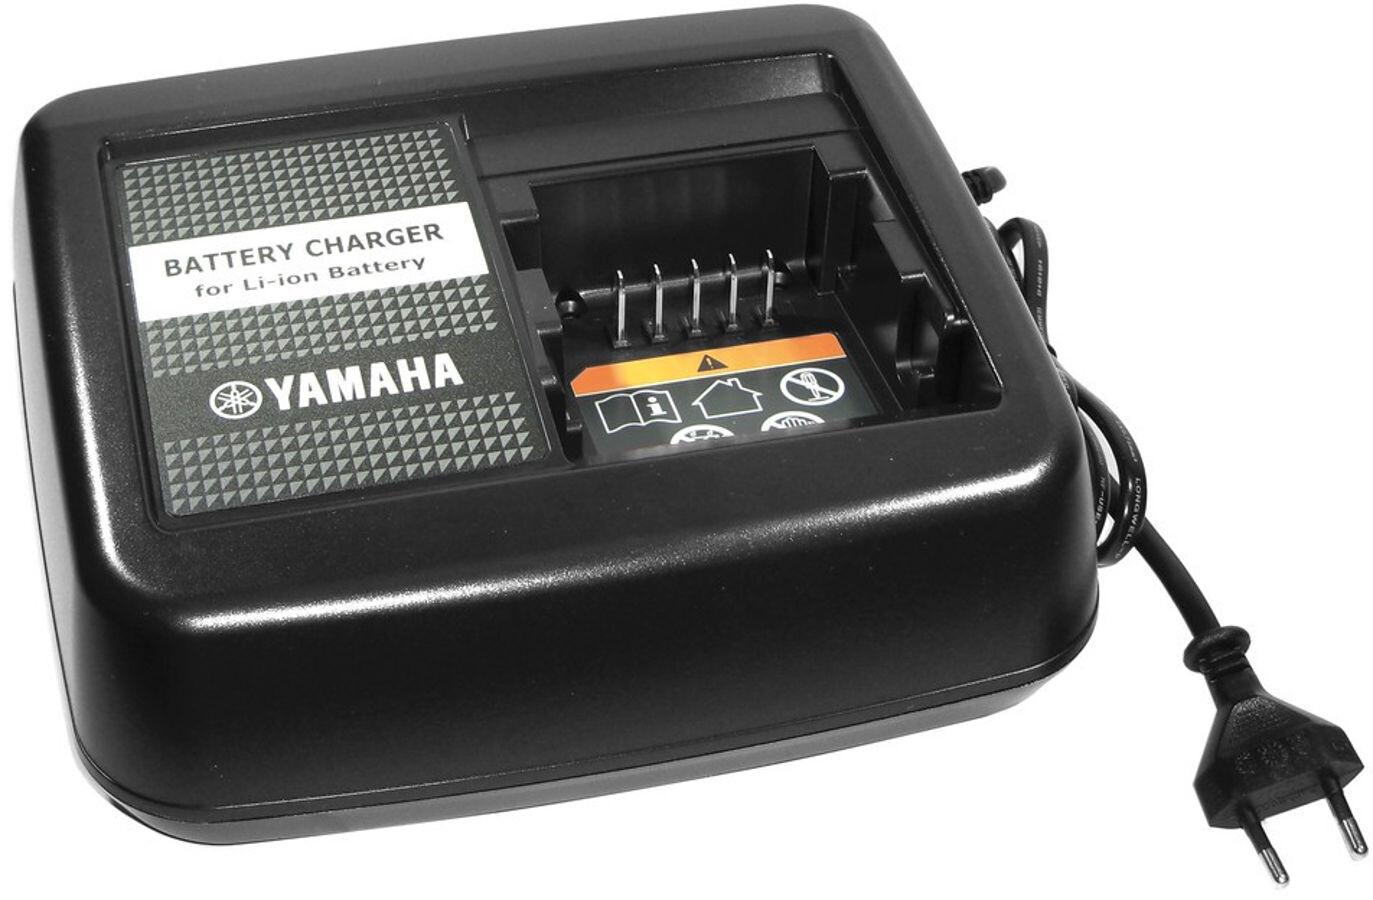 Yamaha E-Bike Battery Charger til Displays til MJ 2013 + 2014 | City